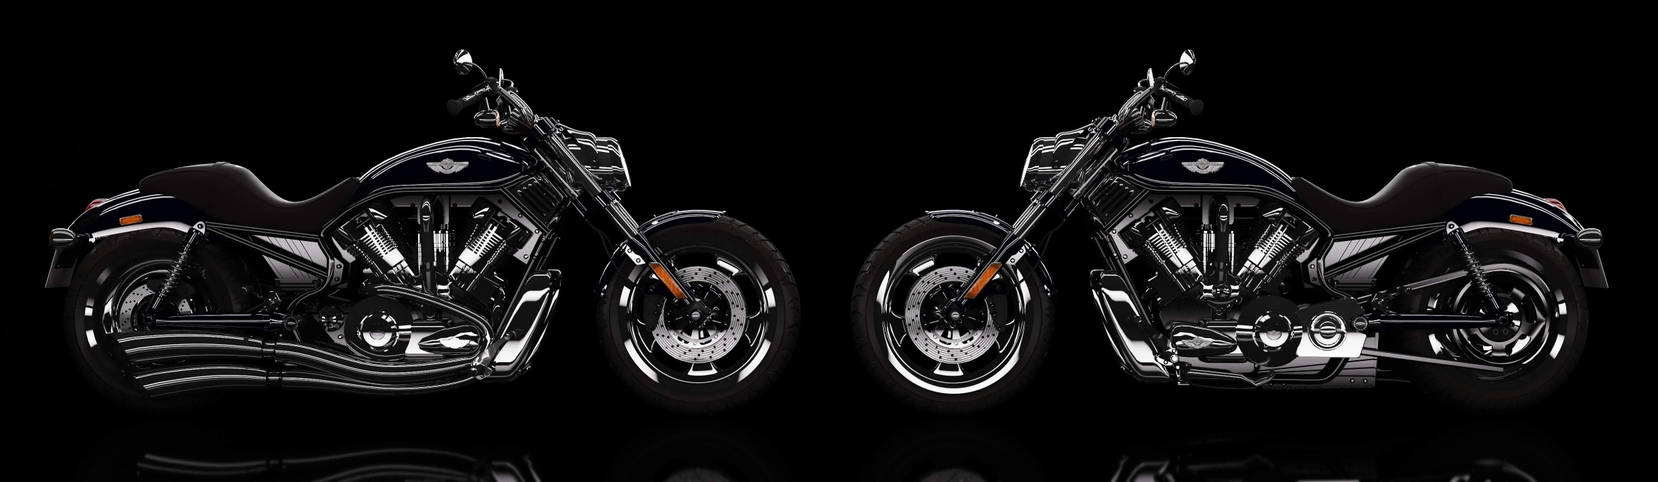 Harley VRod final 3D